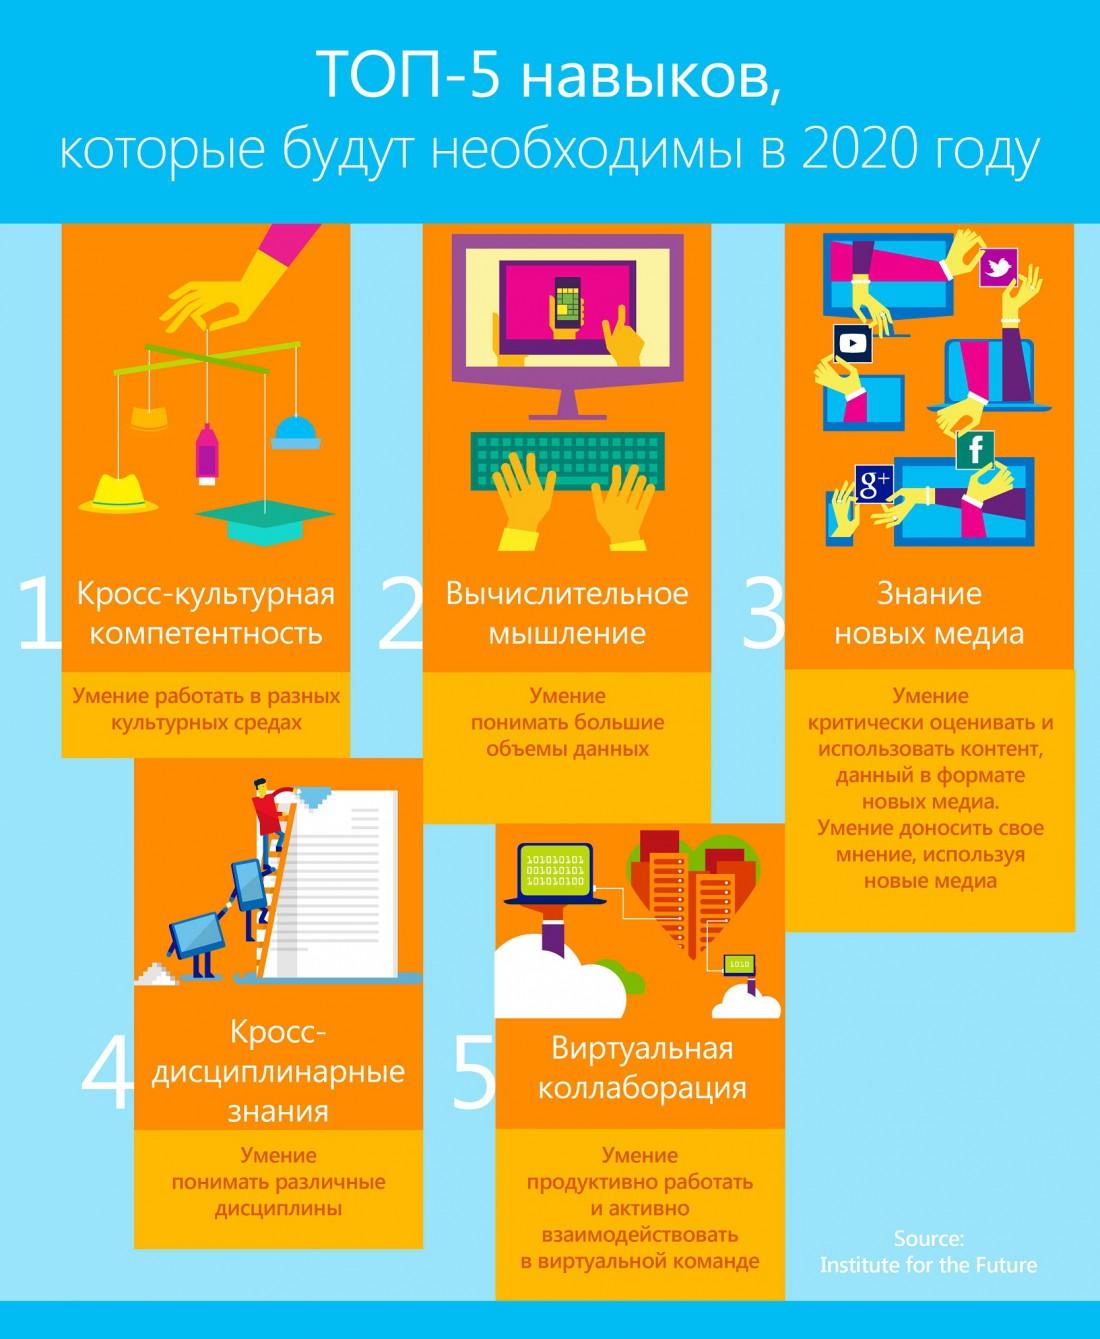 Топ-5 навыков 2020